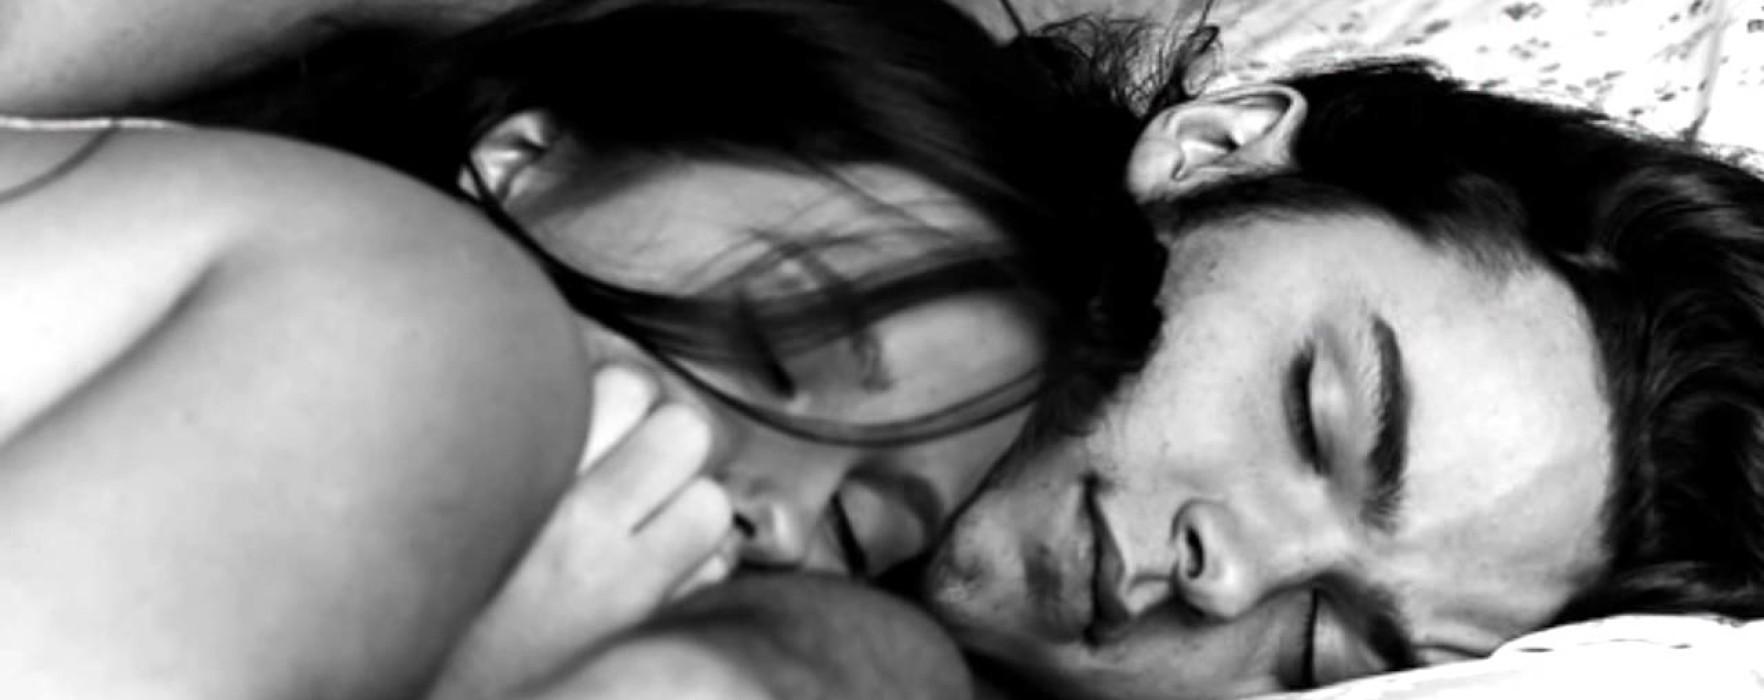 секс с верой брежневой порно видео онлайн смотреть порно